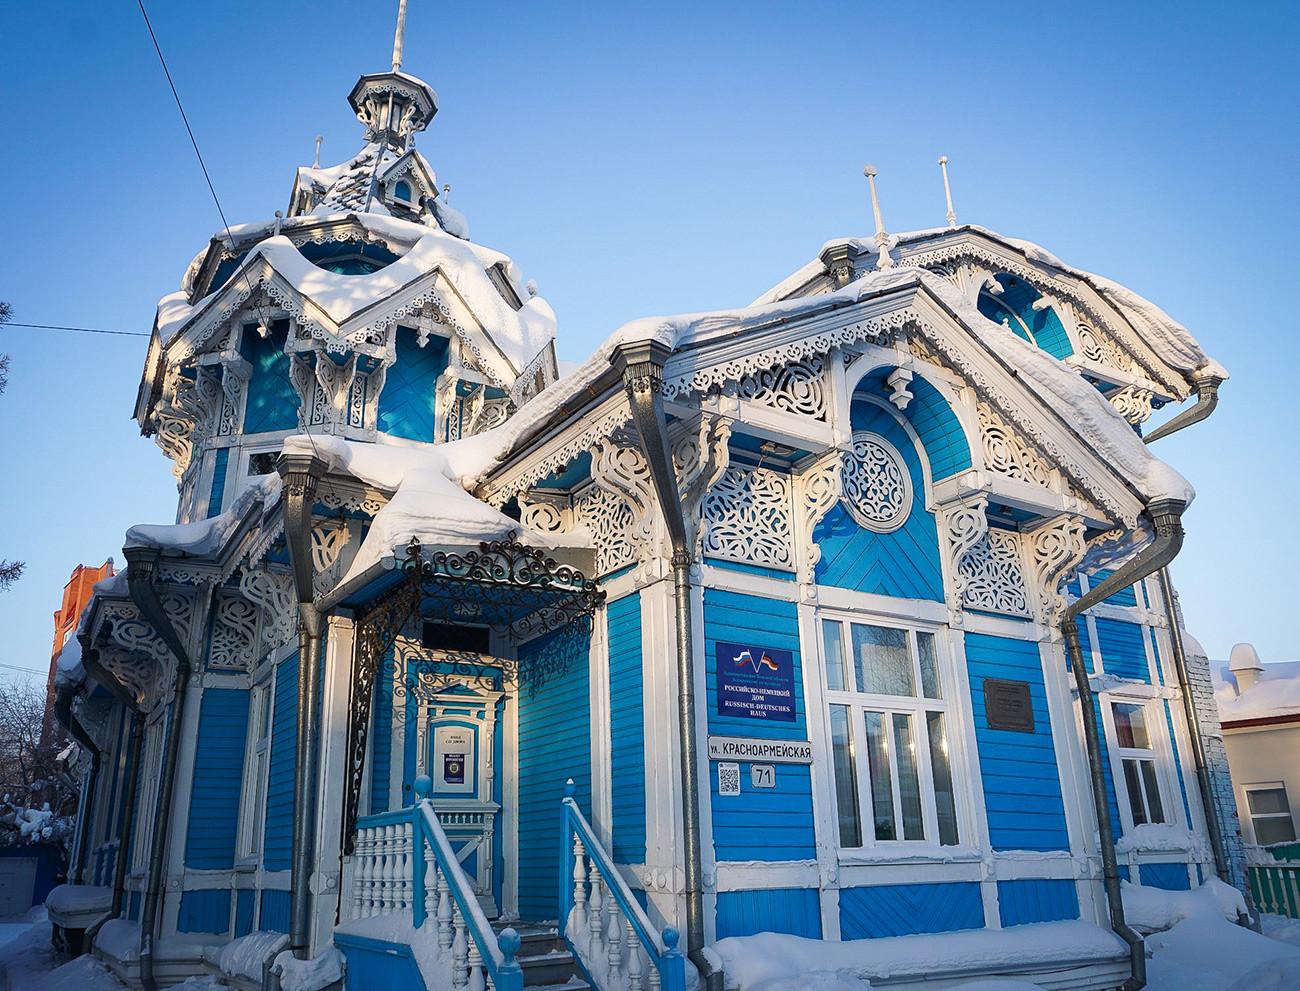 «La maison au chapiteau ». Ancienne demeure du marchand Gueorgui Golovanov (aujourd'hui Maison russo-allemande), à Tomsk (3 600 km à l'est de Moscou).